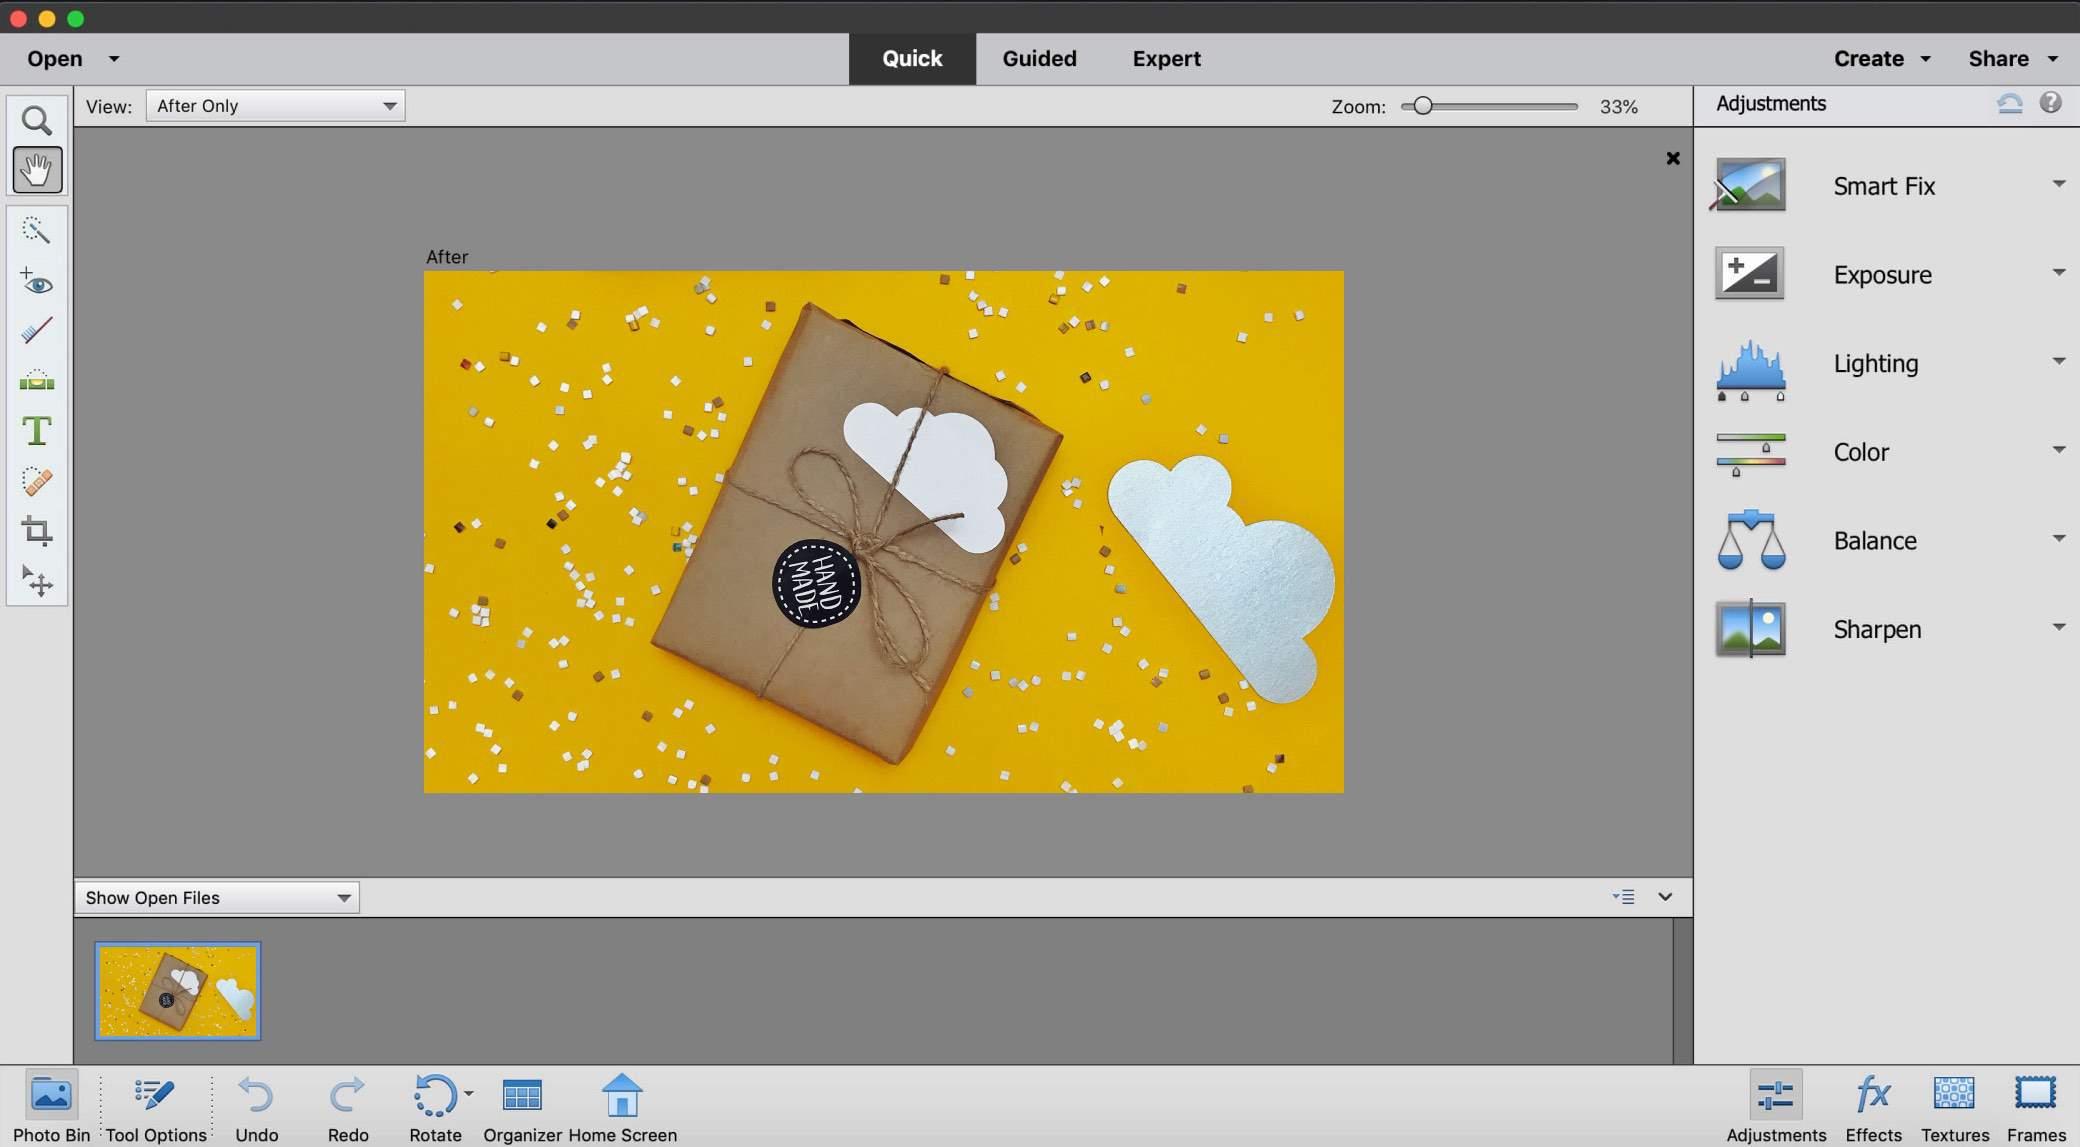 adobe-photoshop-elements image